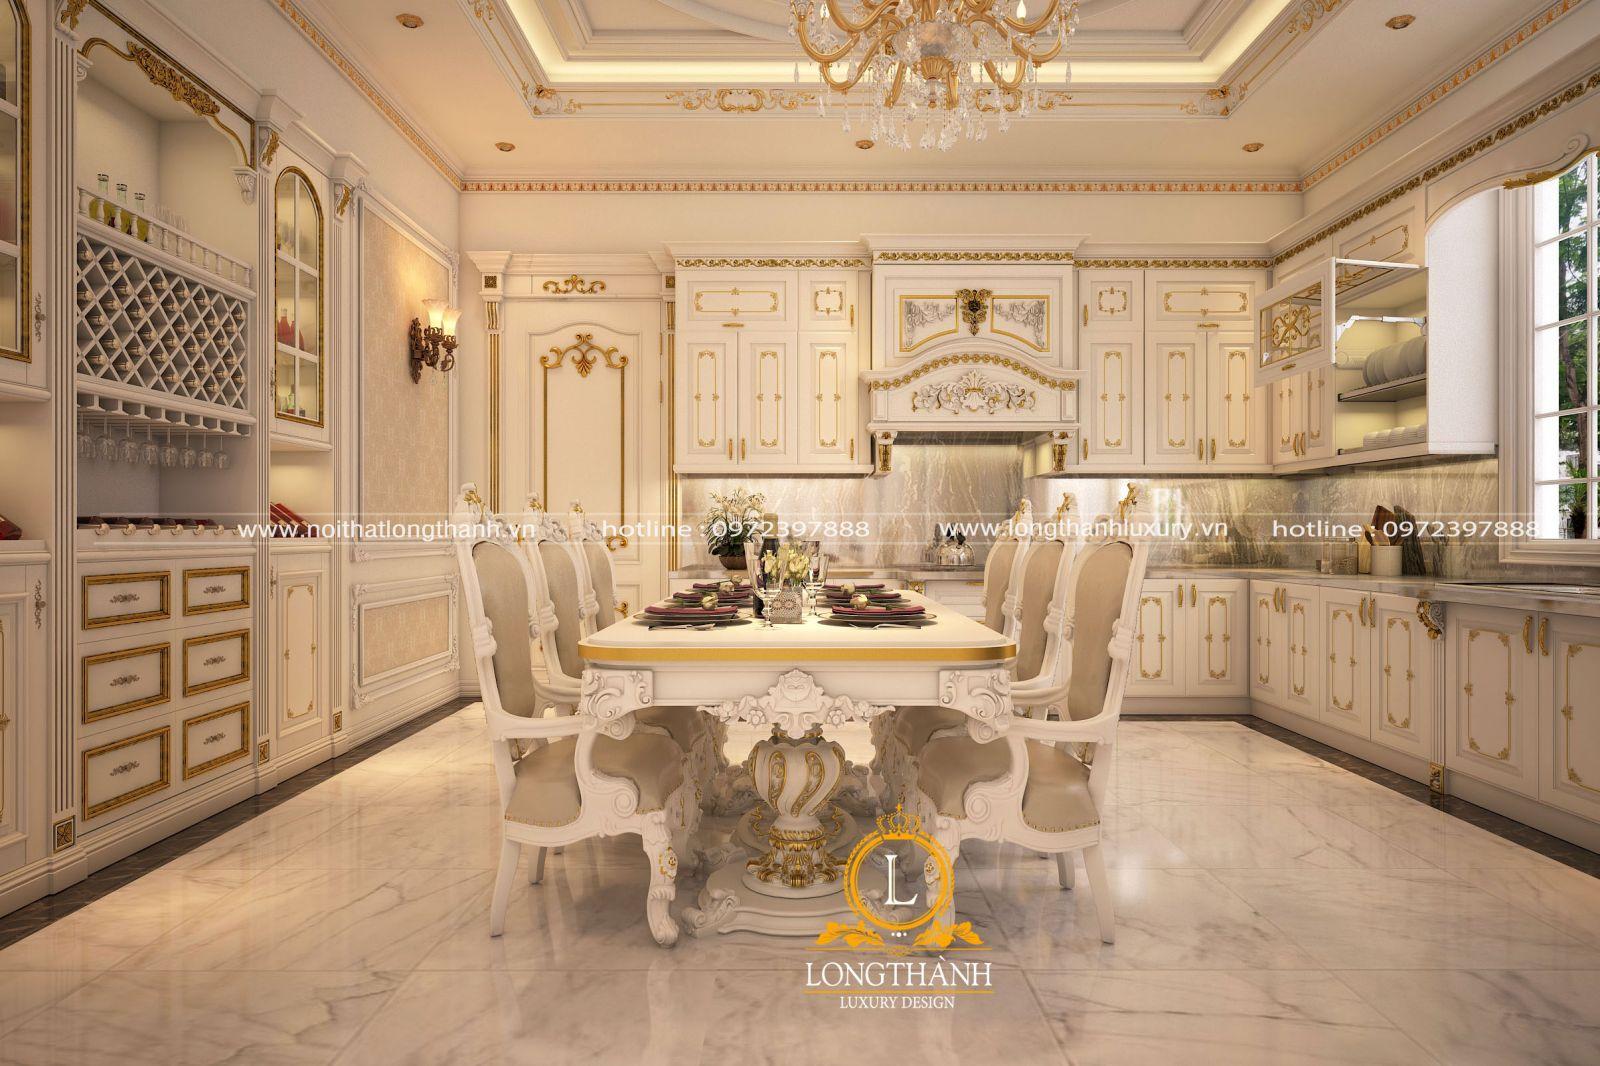 Không gian nhà bếp đẹp với gam màu trắng tinh tế  từ đồ nội thất đến bài trí không gian